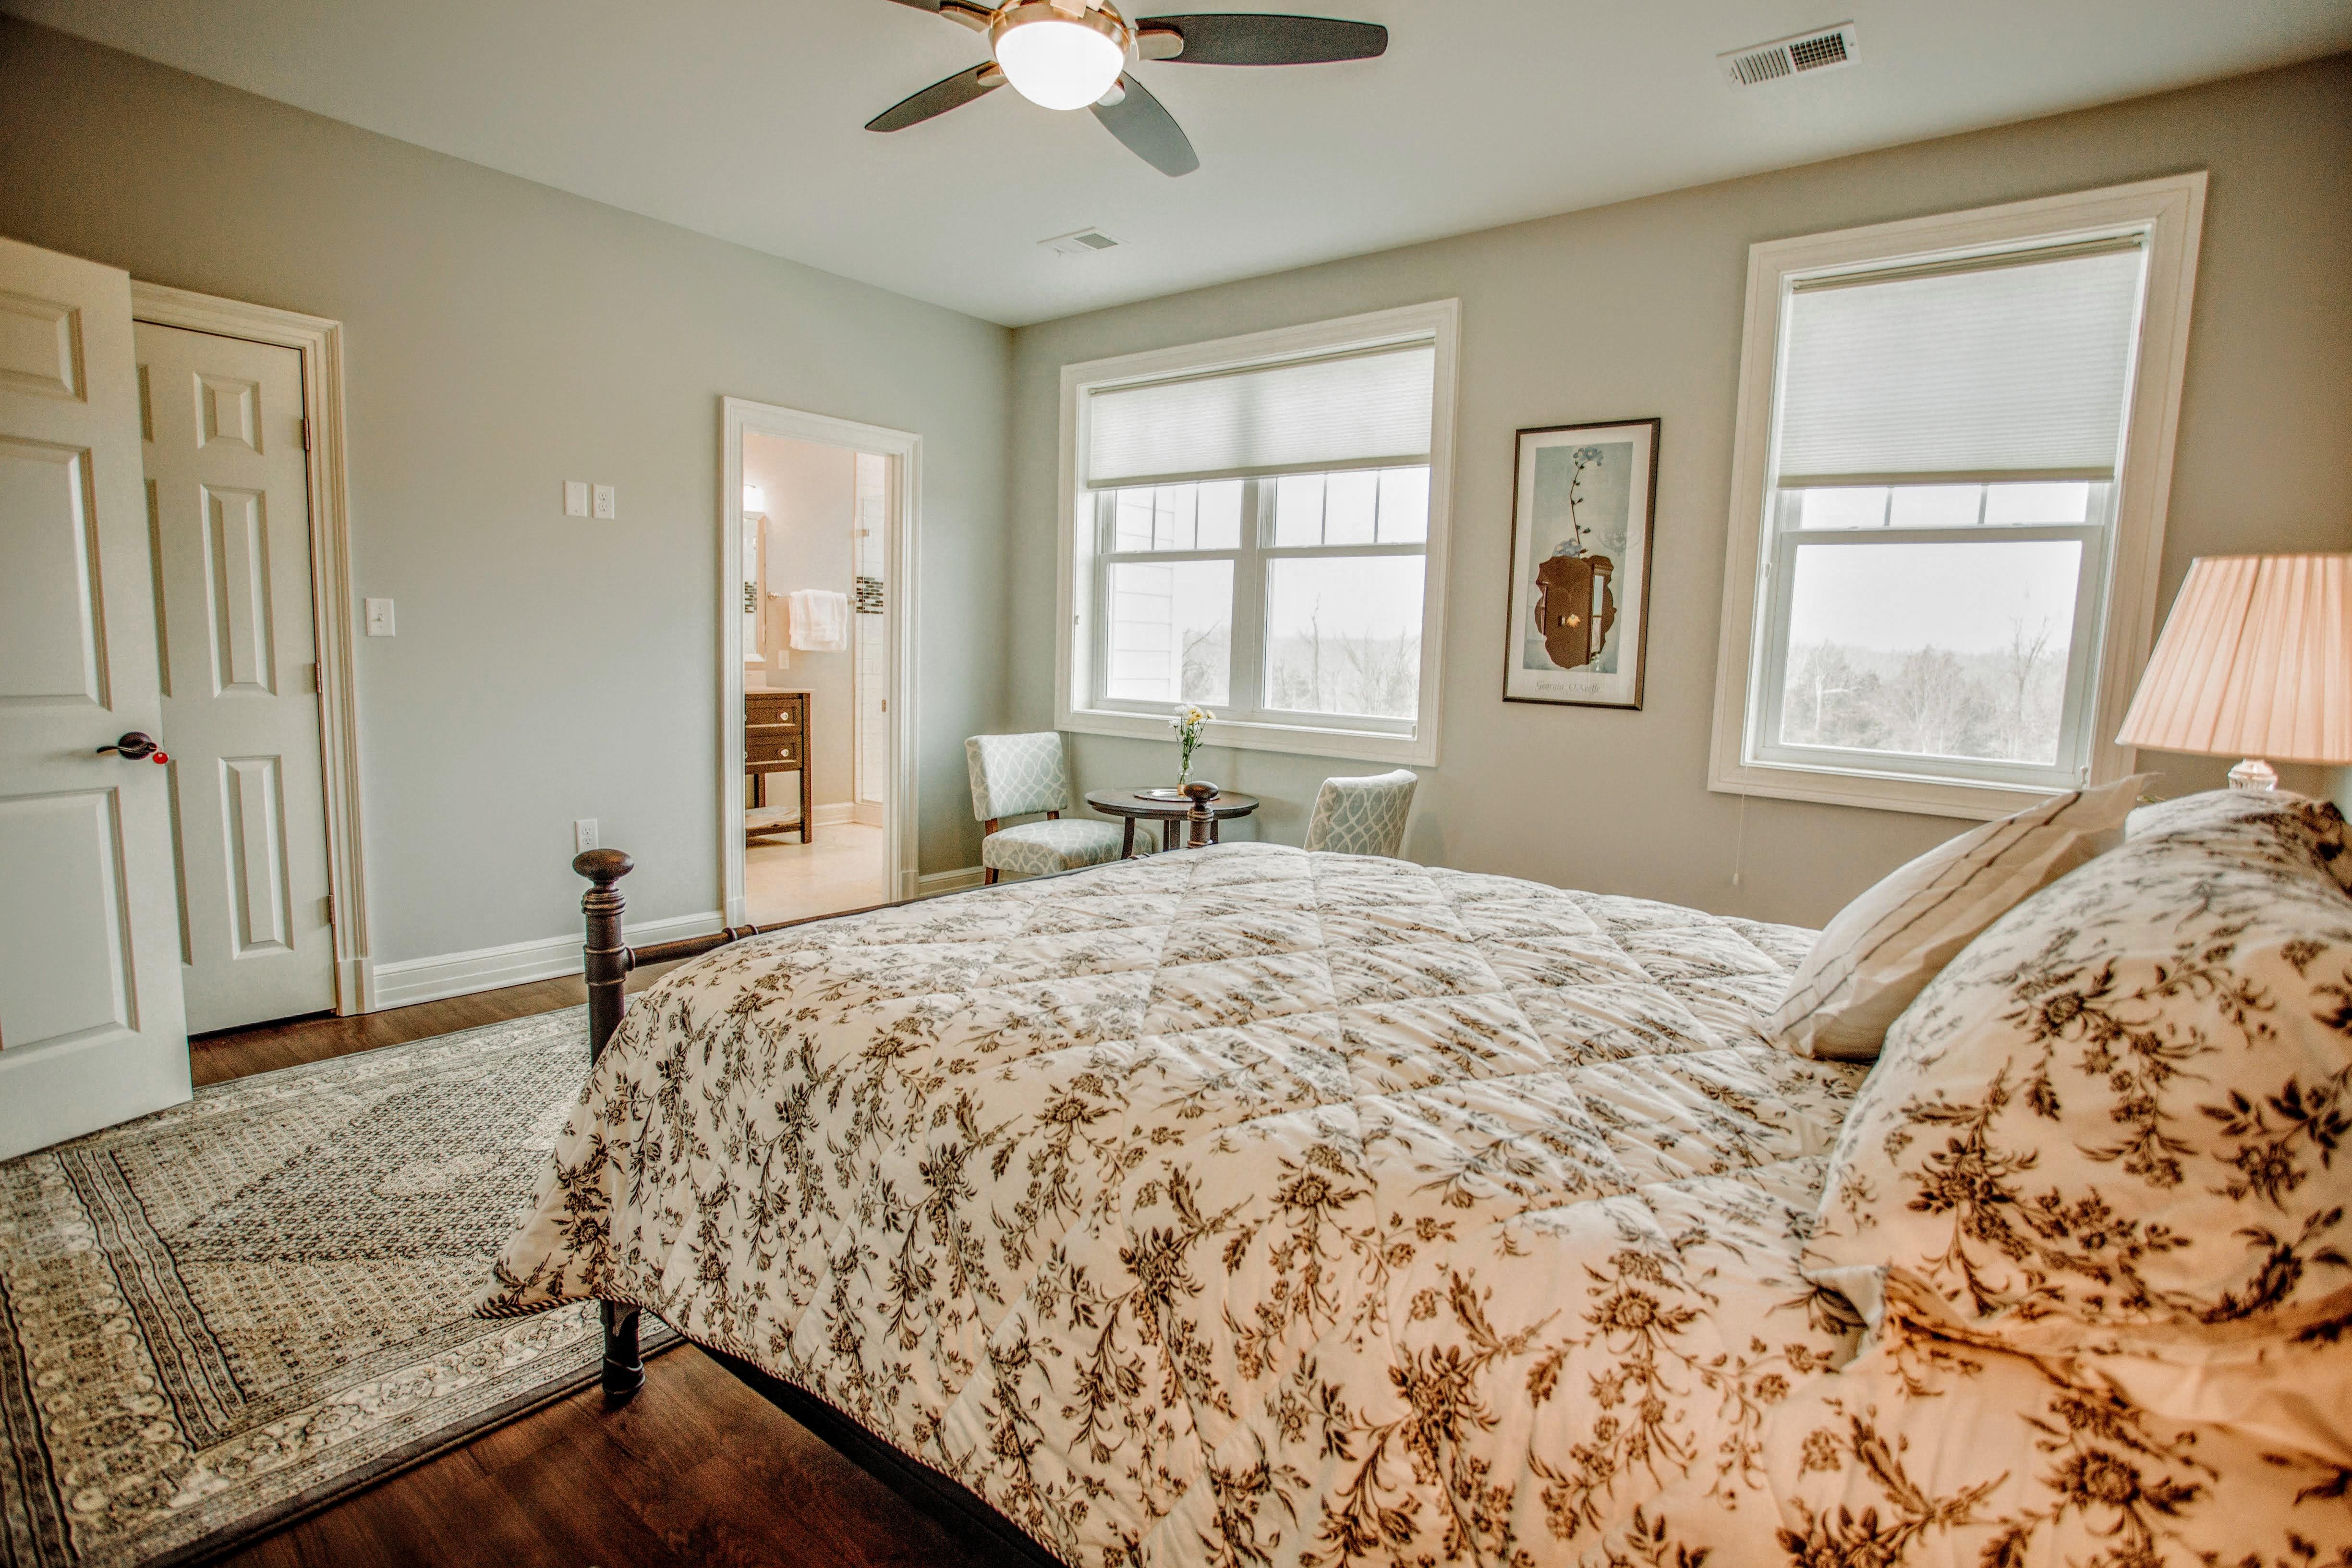 Bed corner view